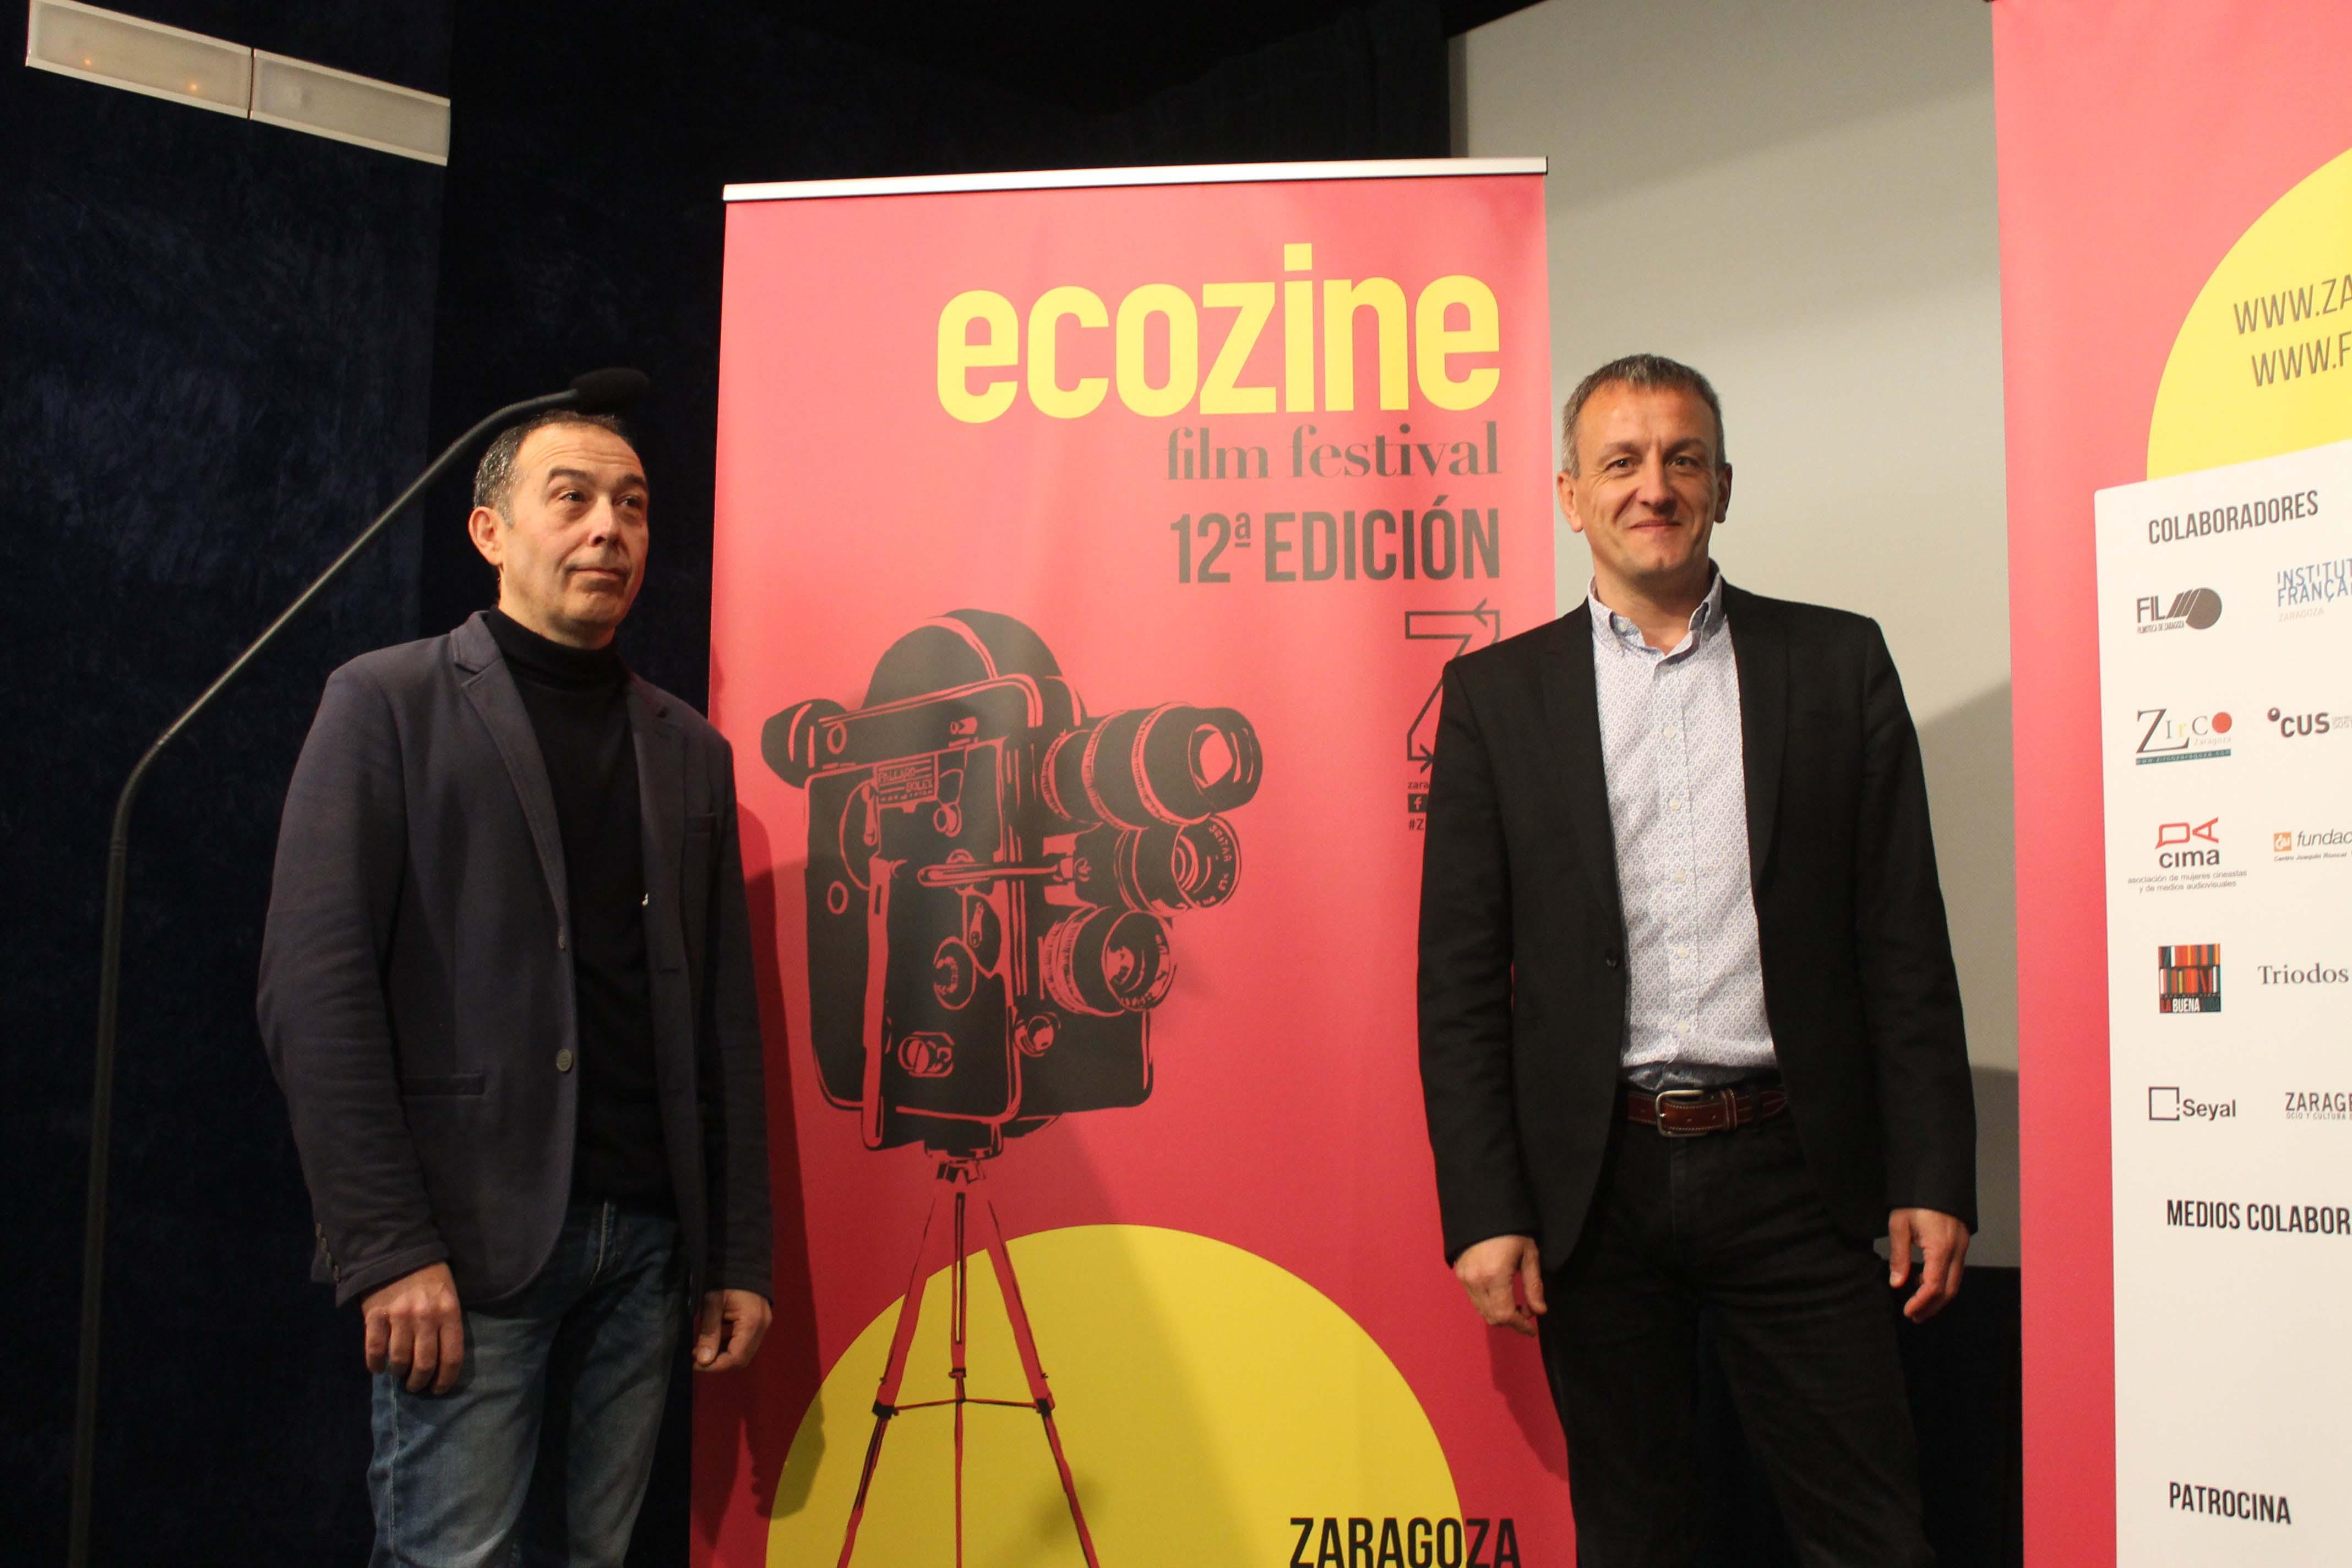 Por primera vez, Ecozine se presenta este año en Valencia capital